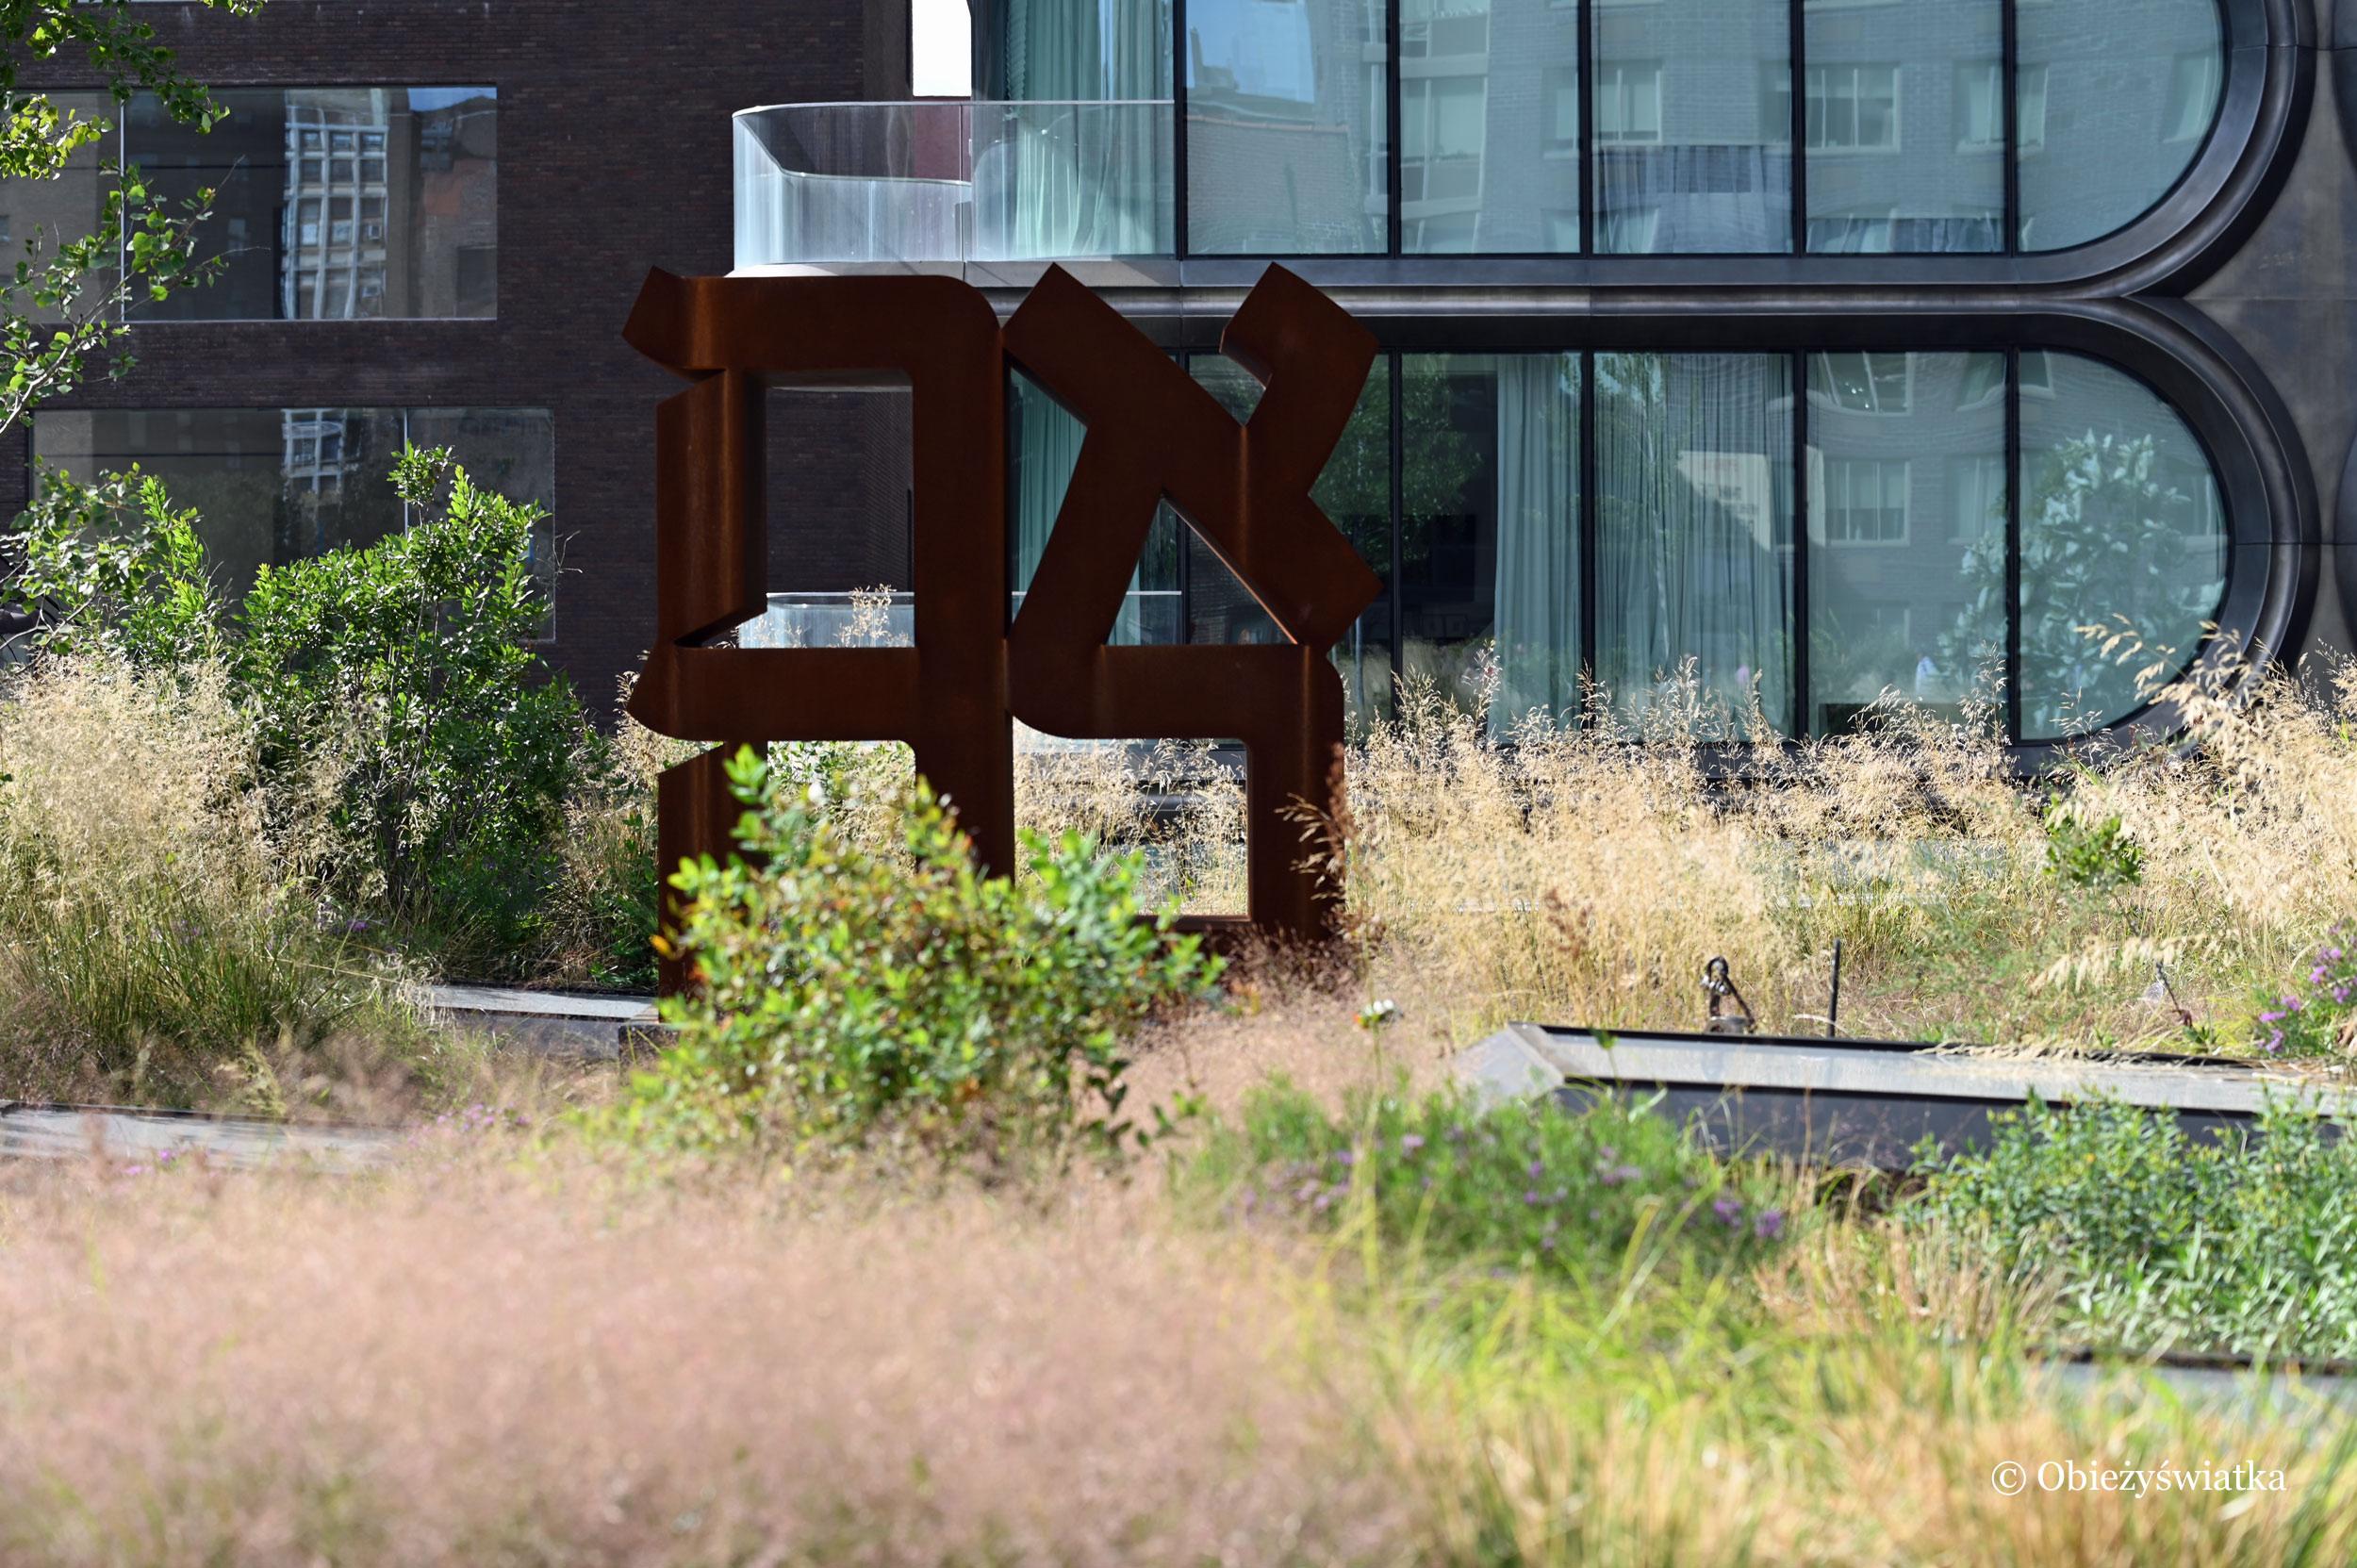 Rzeźba LOVE w języku hebrajskim - autor: Robert Indiana, The High Line, Nowy Jork